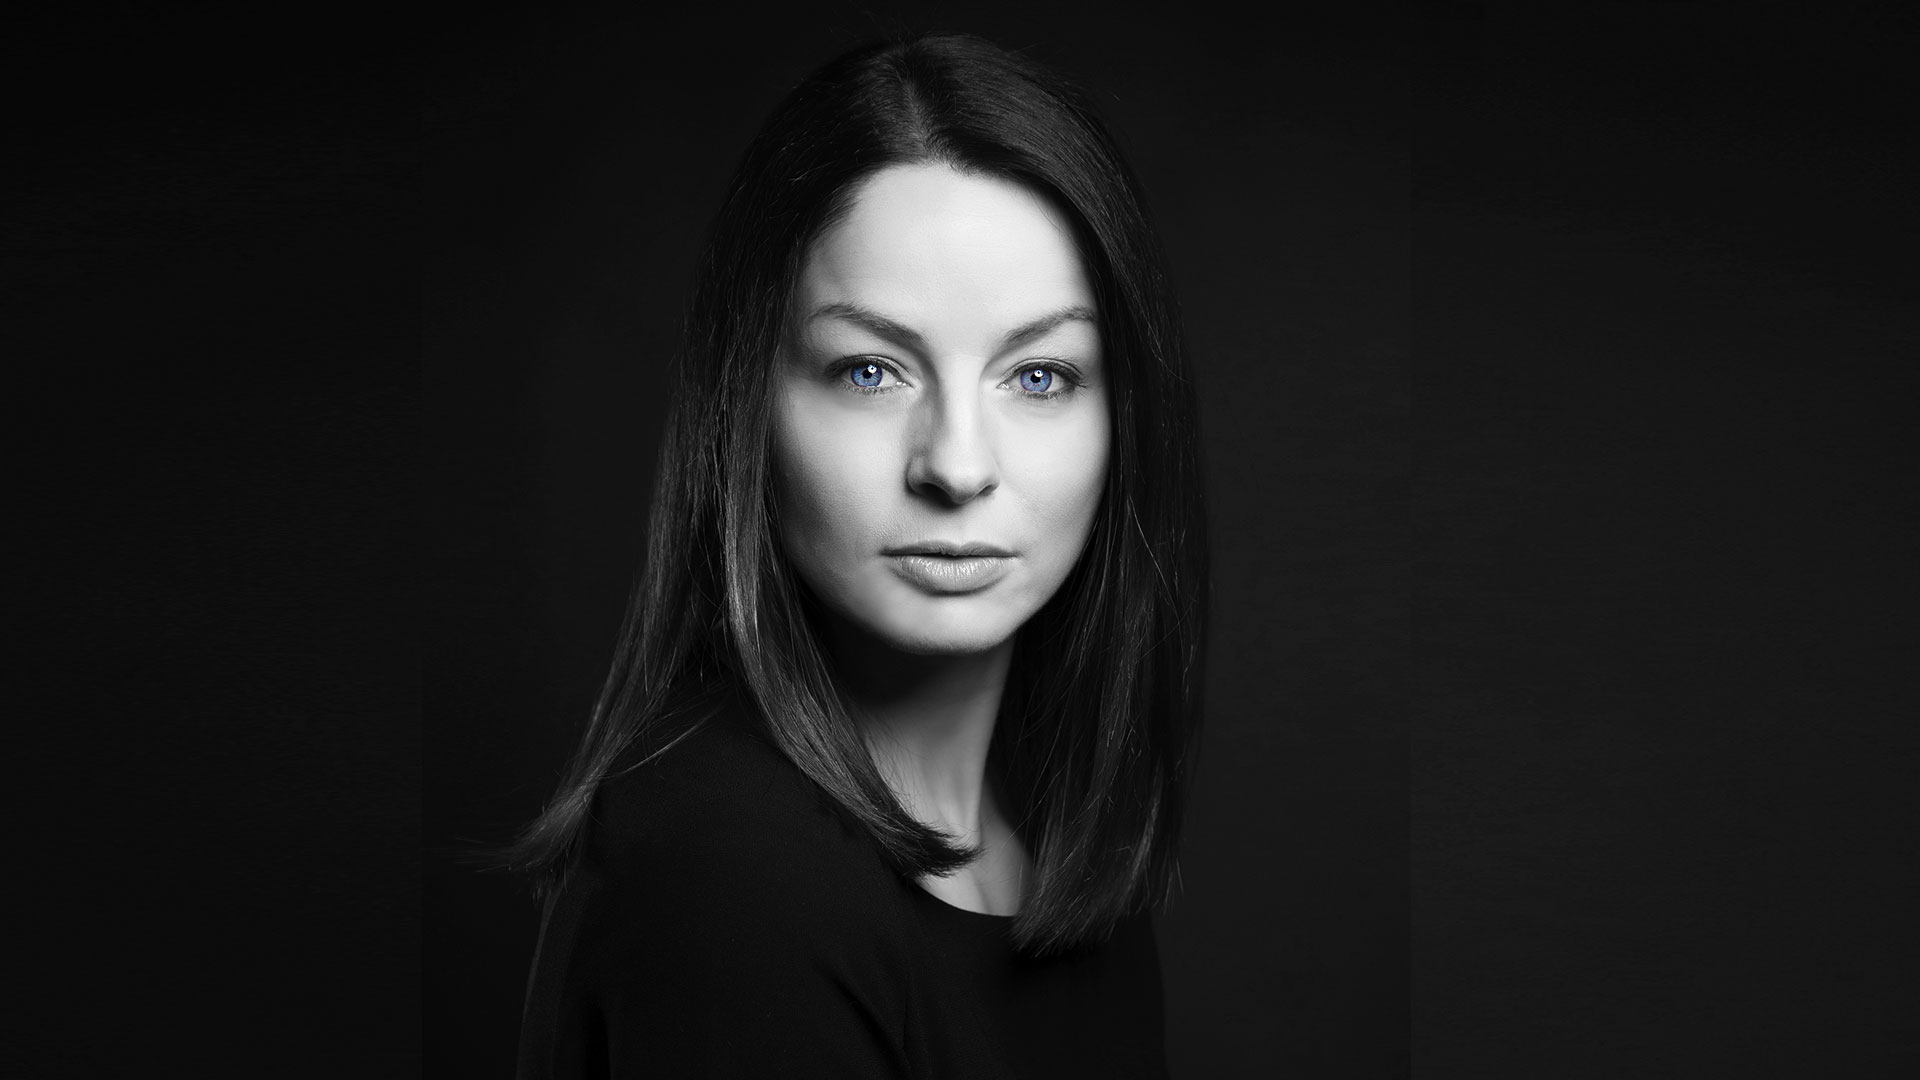 Katja Eckardt ist die Finanzdiva, Finanzdiva – Das Magazin